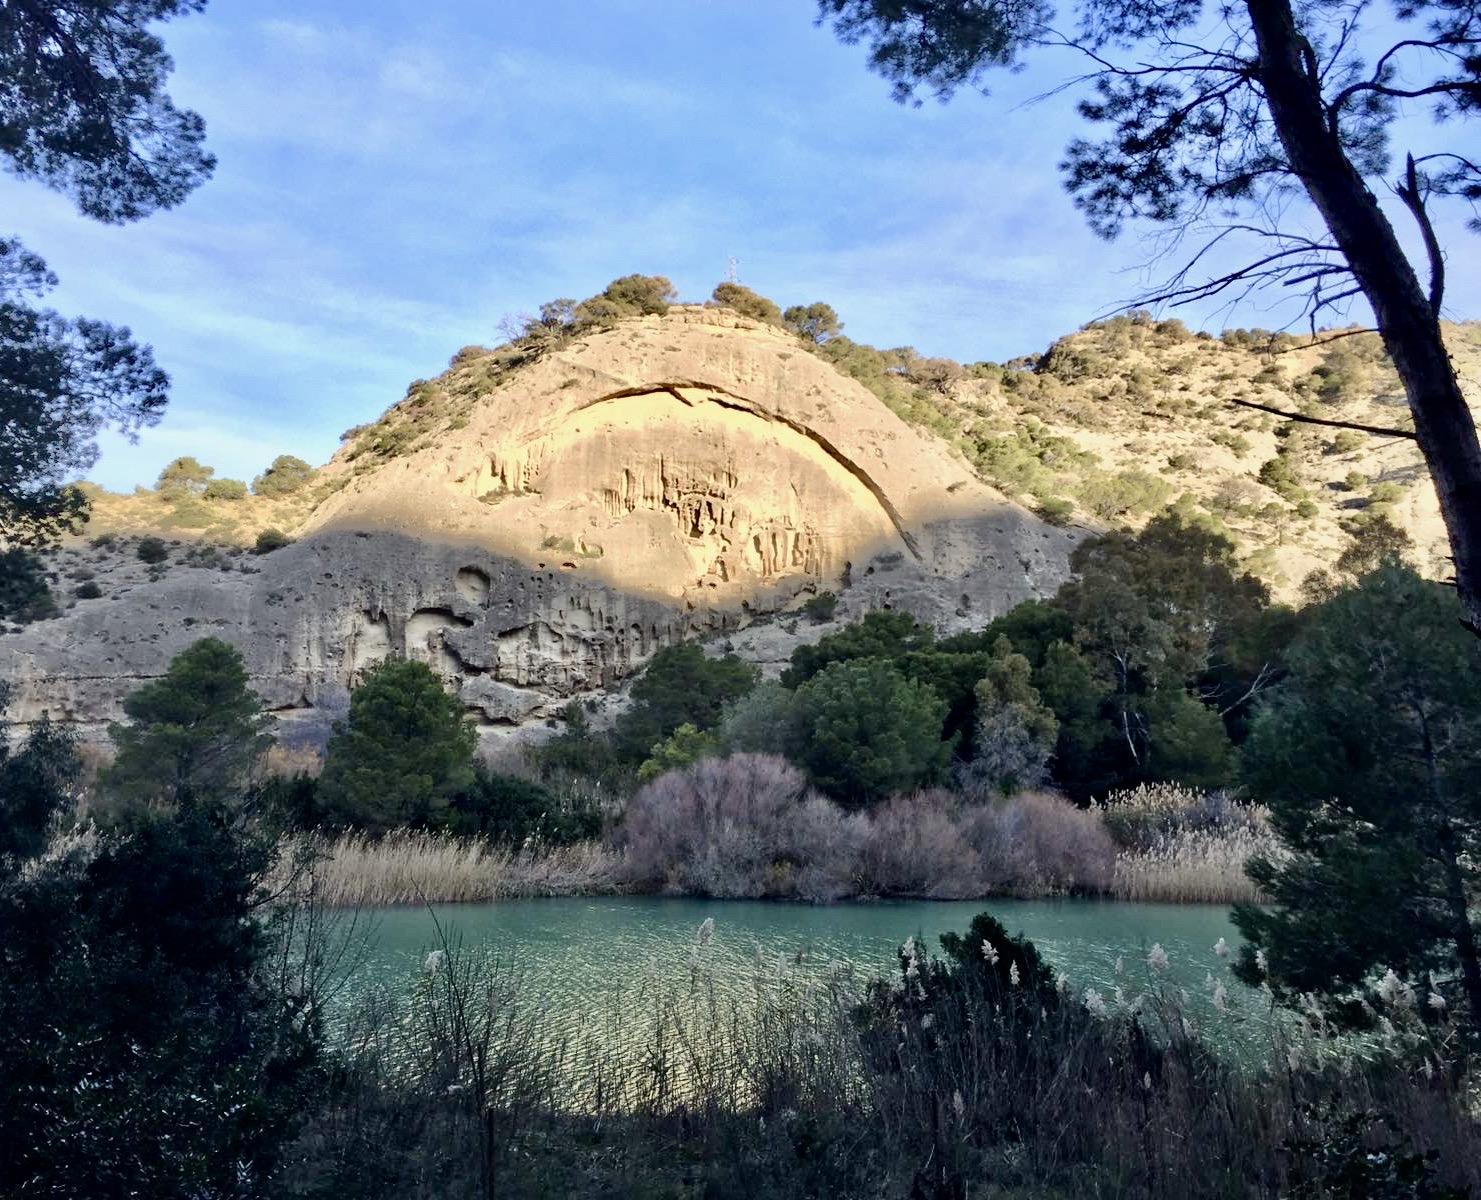 Stunning rock formations El Caminito del Rey.